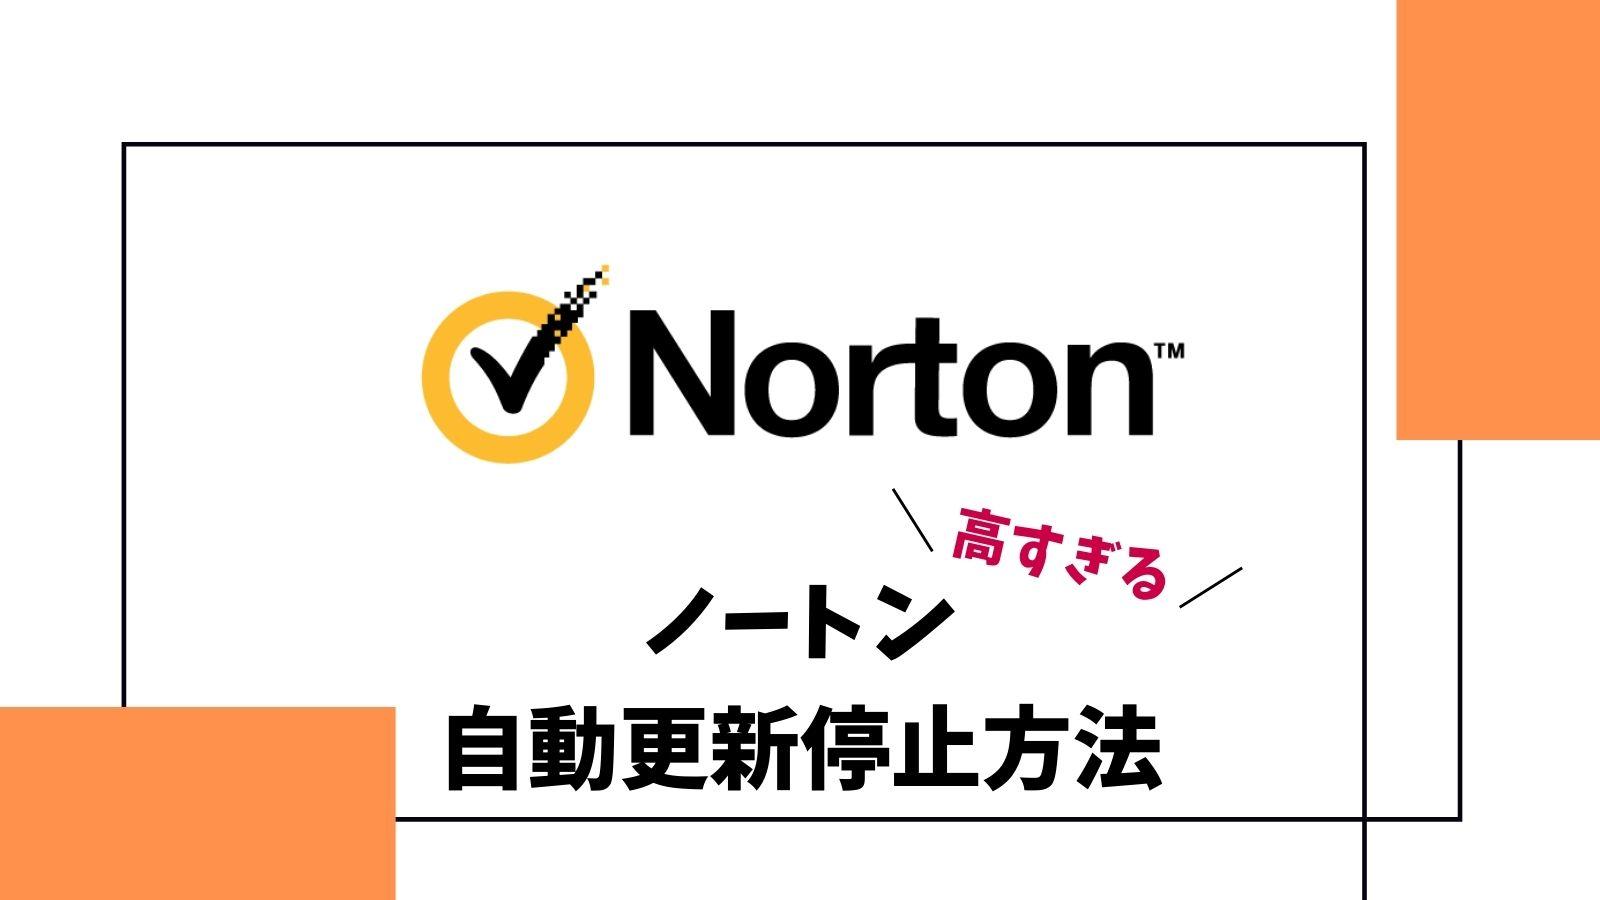 【2020年版】ノートンの自動延長を簡単に停止する方法【手順徹底解説】